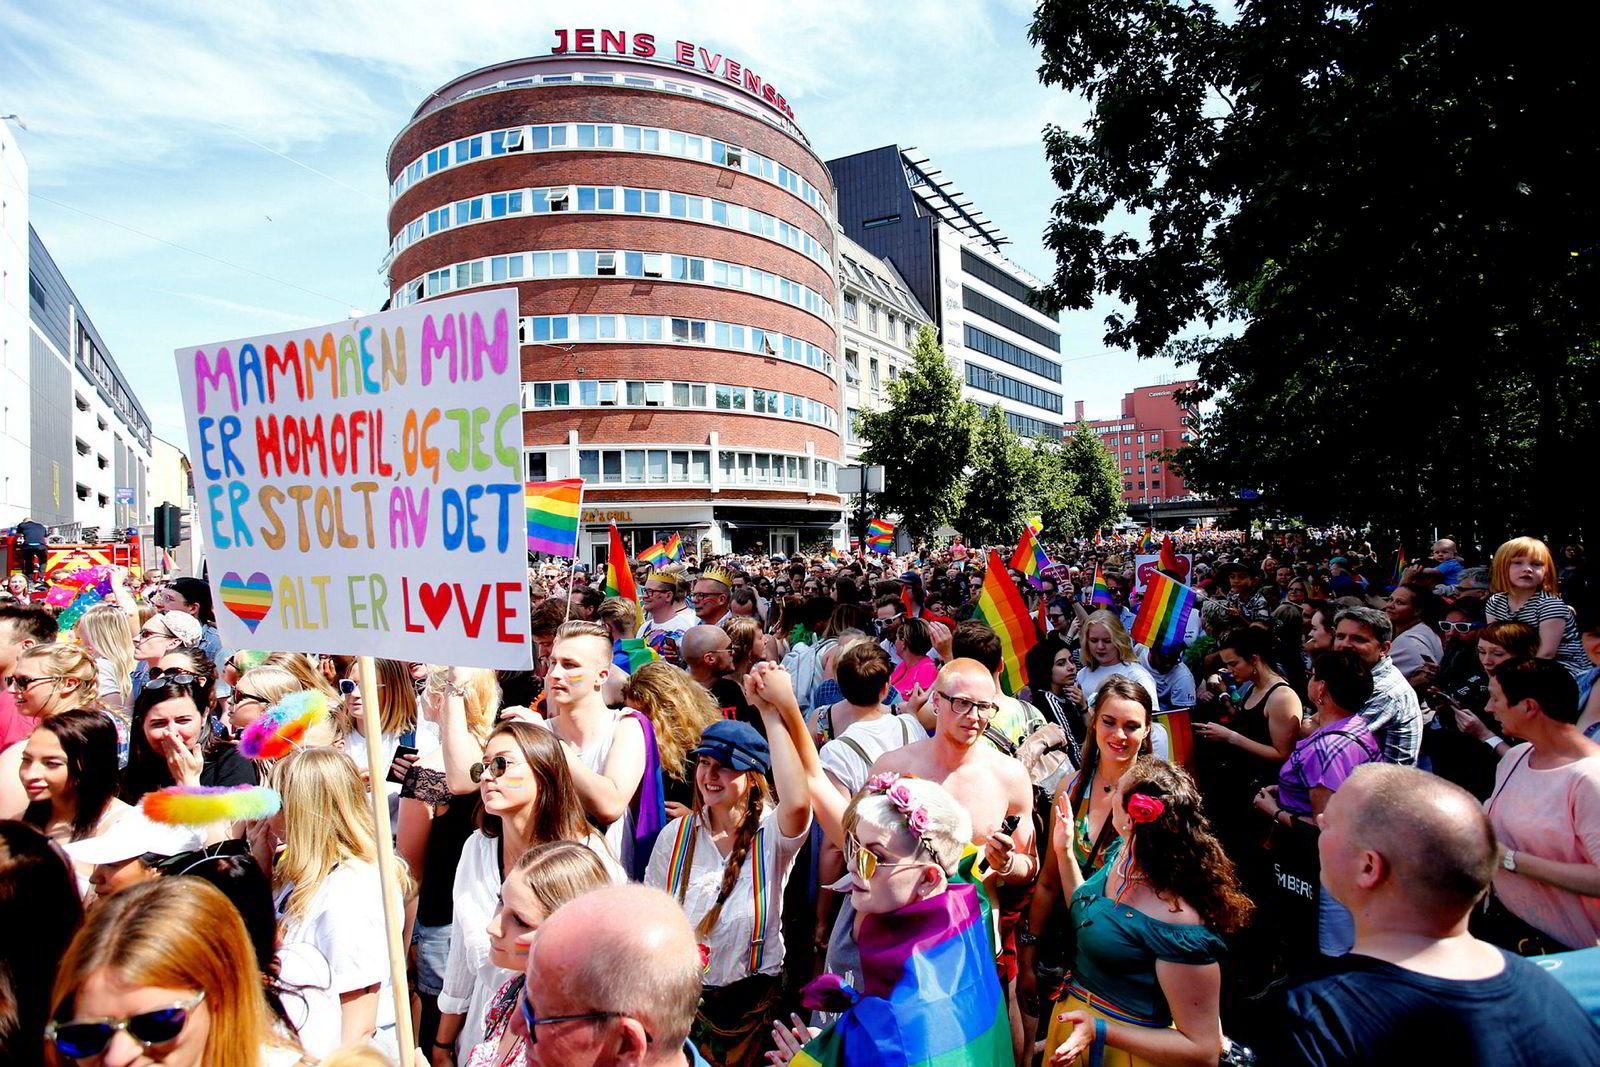 Festivalsjef i Oslo Pride, Fredrik Dreyer, er glad for at Emilie Stordalen reagerte som på kunder som vil boikotte hotellkjeden som følge av støtten til Oslo Pride. Her fra Oslo Prides parade i 2017.